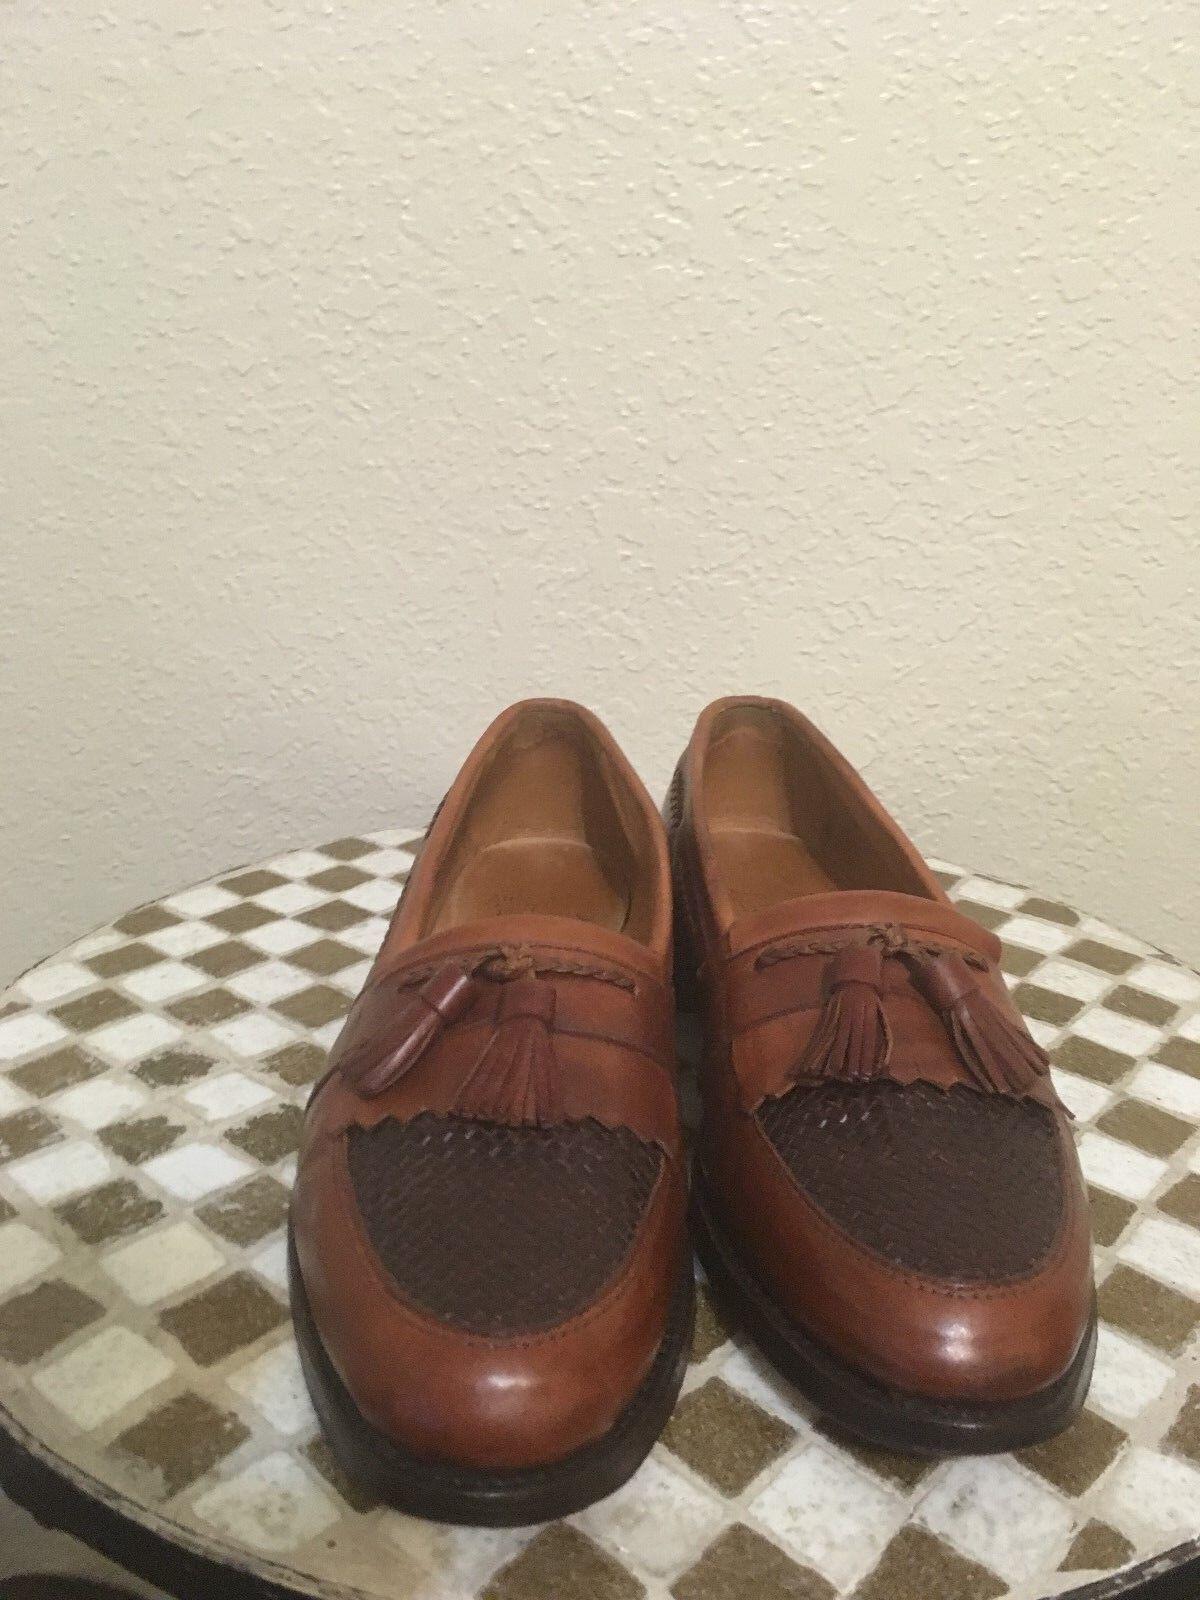 ALLEN EDMONDS CODY Marrón Conducción Mocasines zapatos 9.5 C